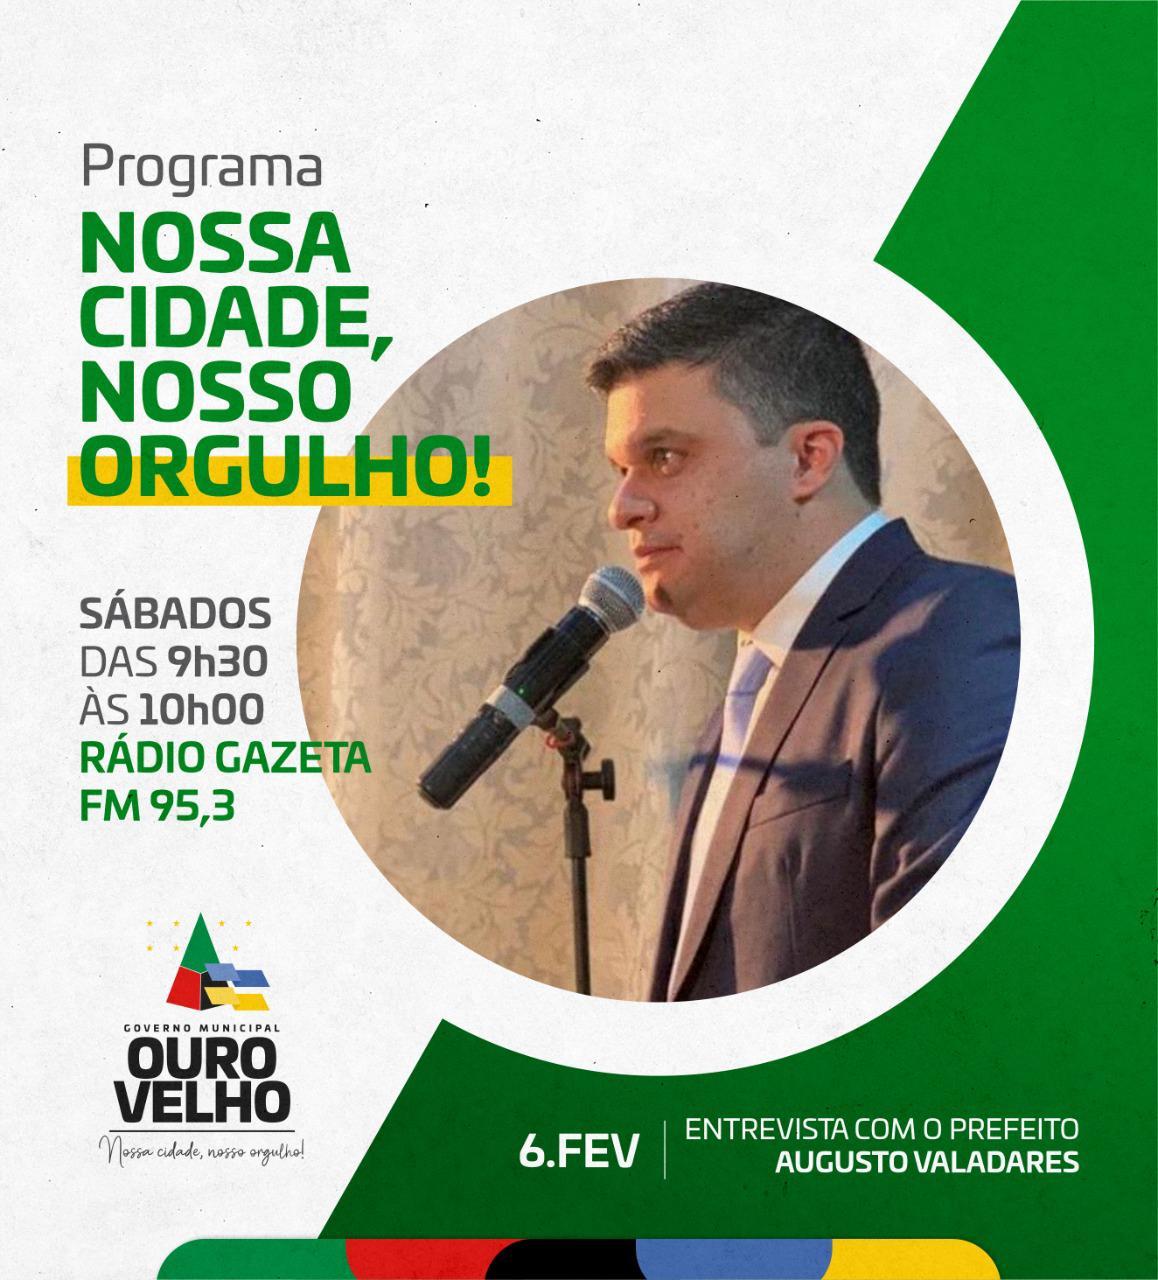 Prefeito de Ouro Velho será 1º entrevistado do Programa Nossa Cidade, Nosso Orgulho